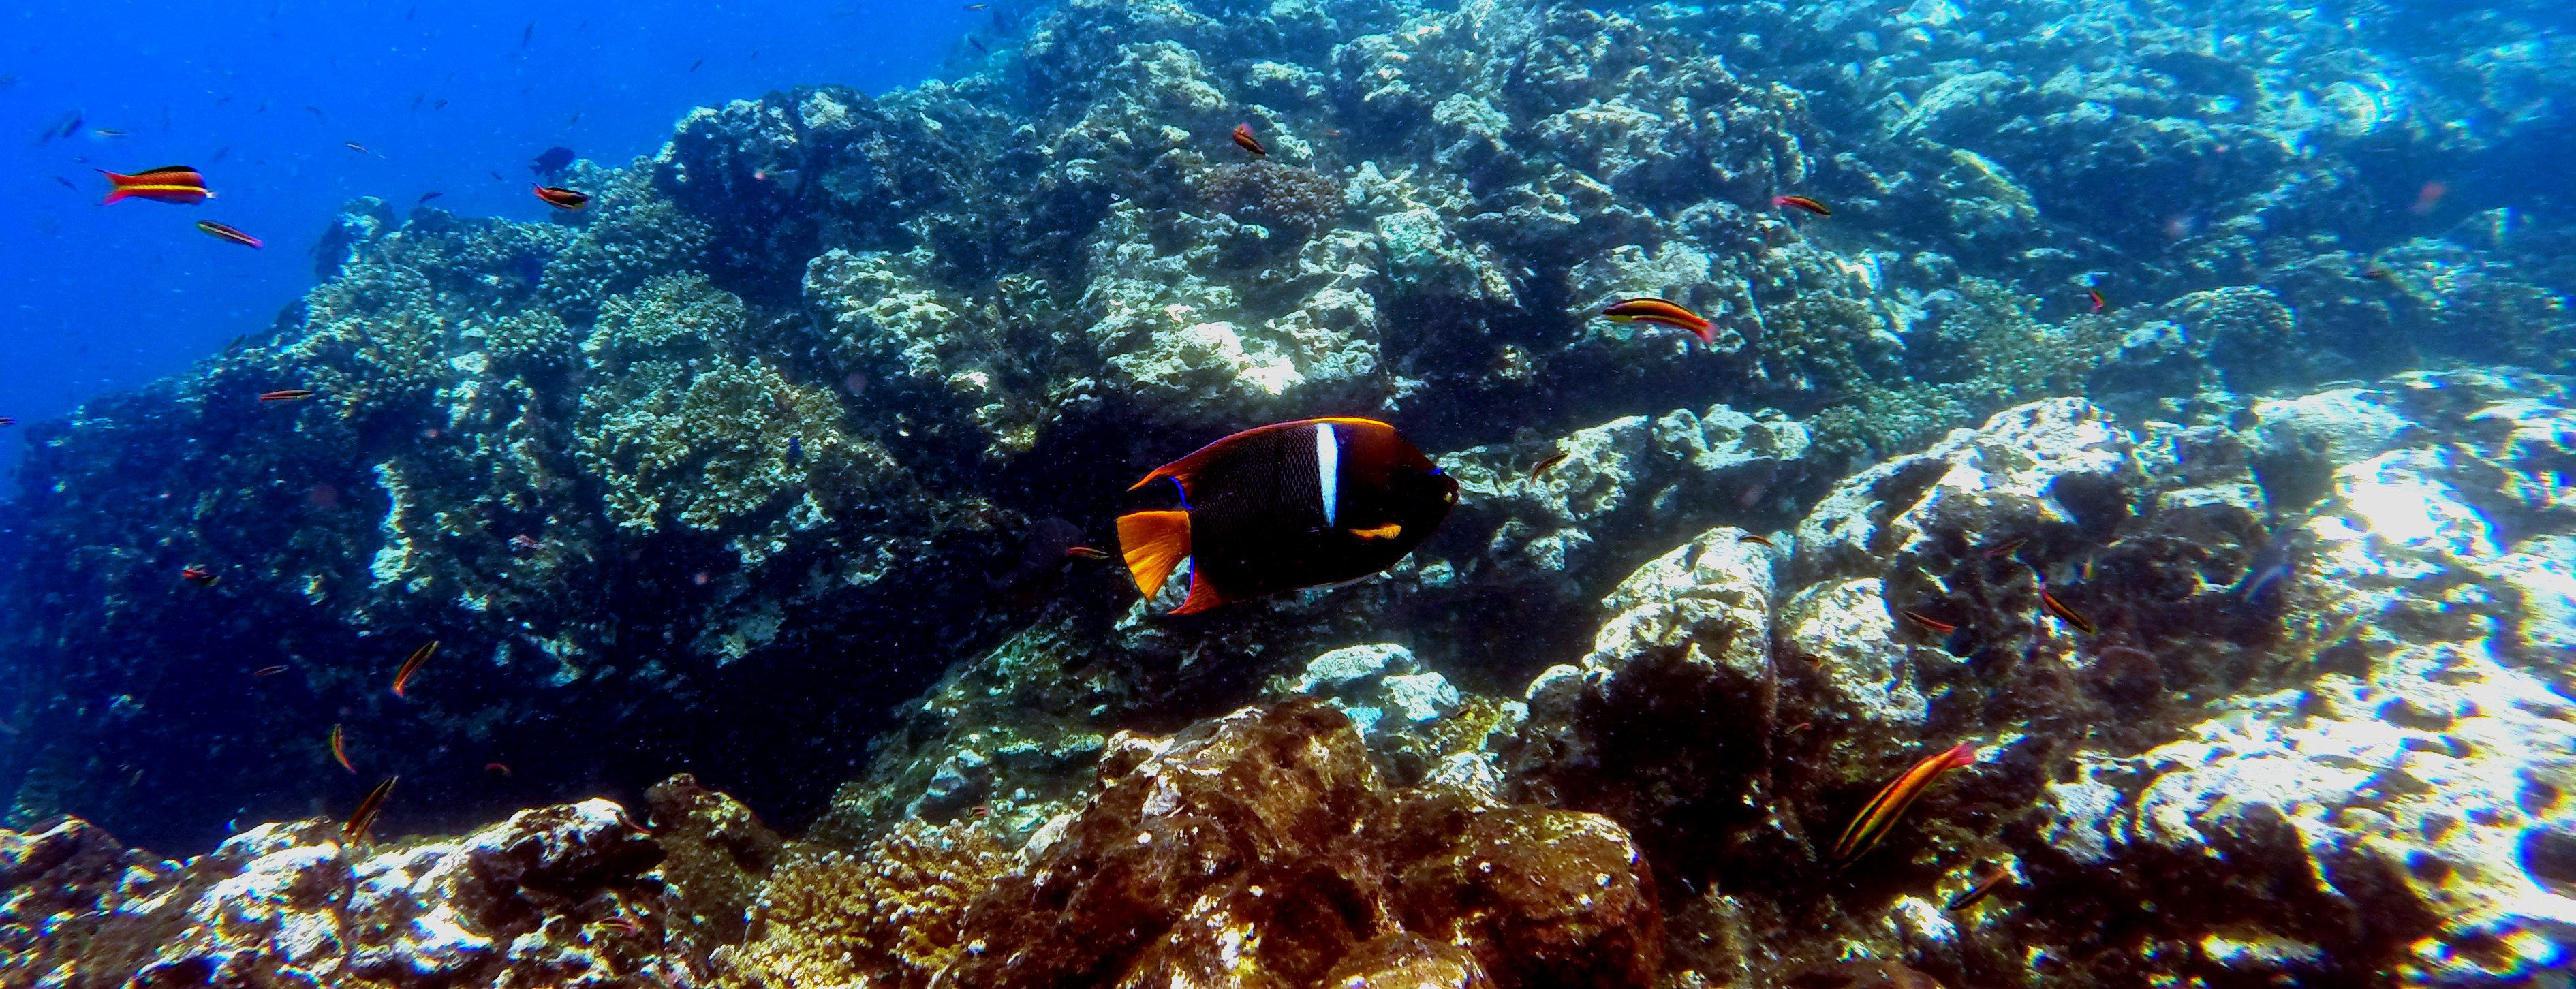 Parco-Nazionale-Isla-del-Caño-corallo